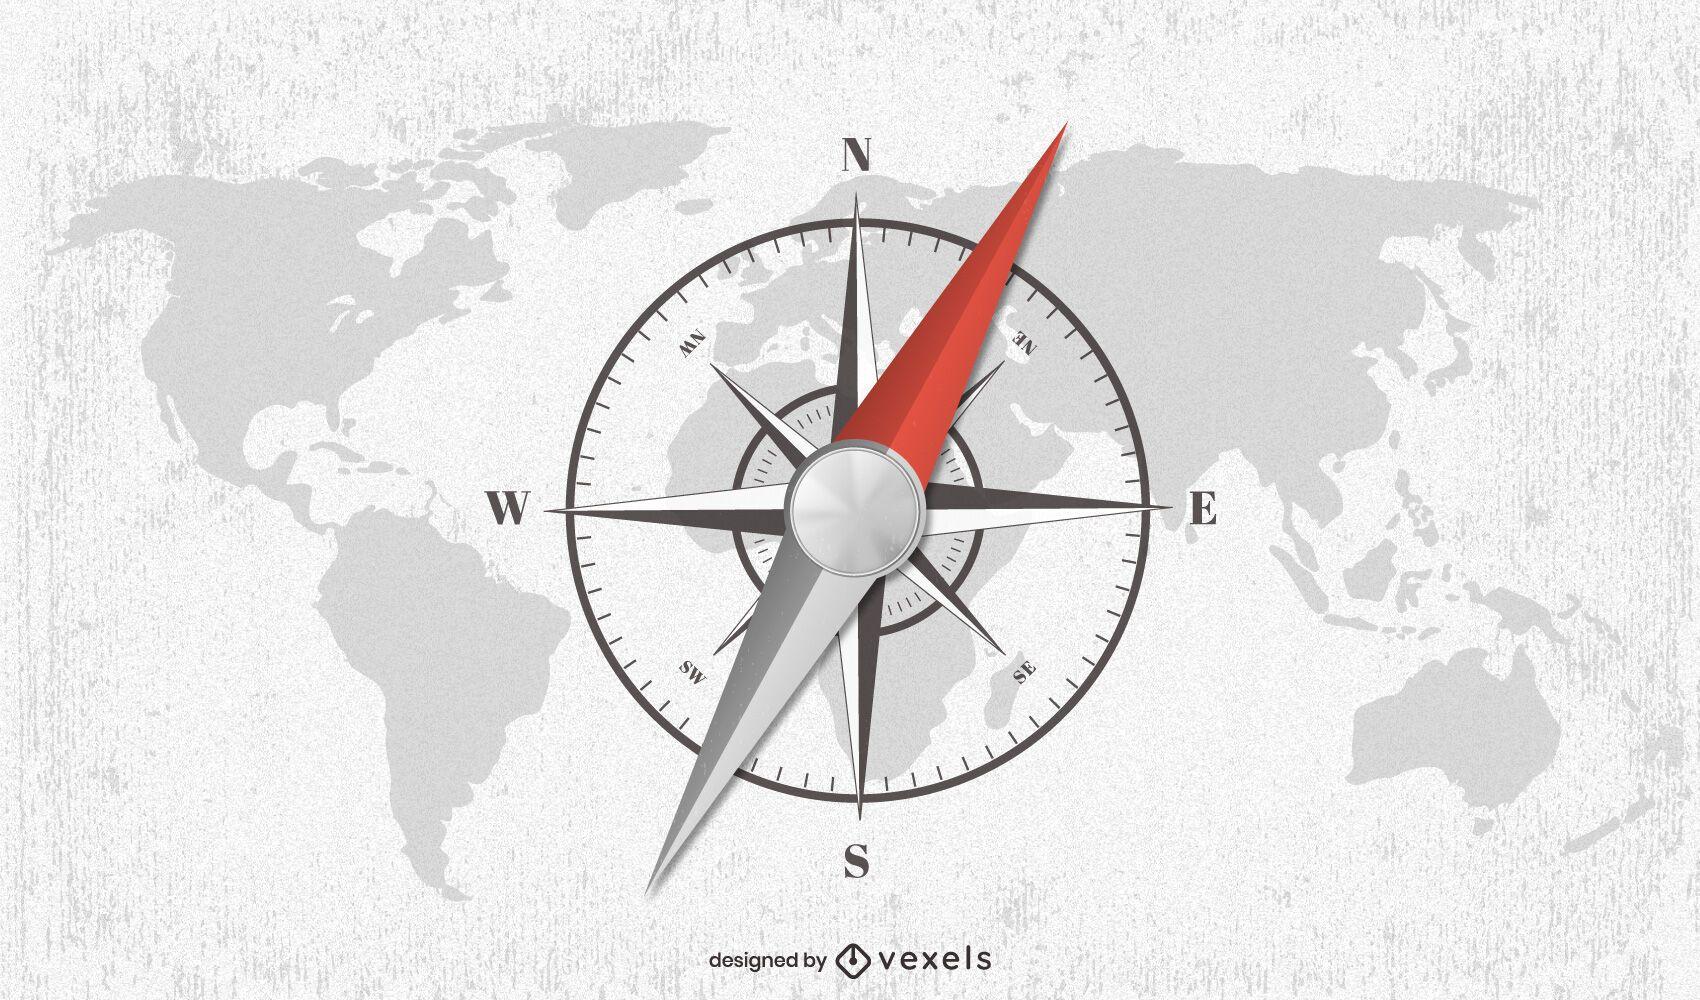 Desenho de ilustração do mapa mundial da bússola